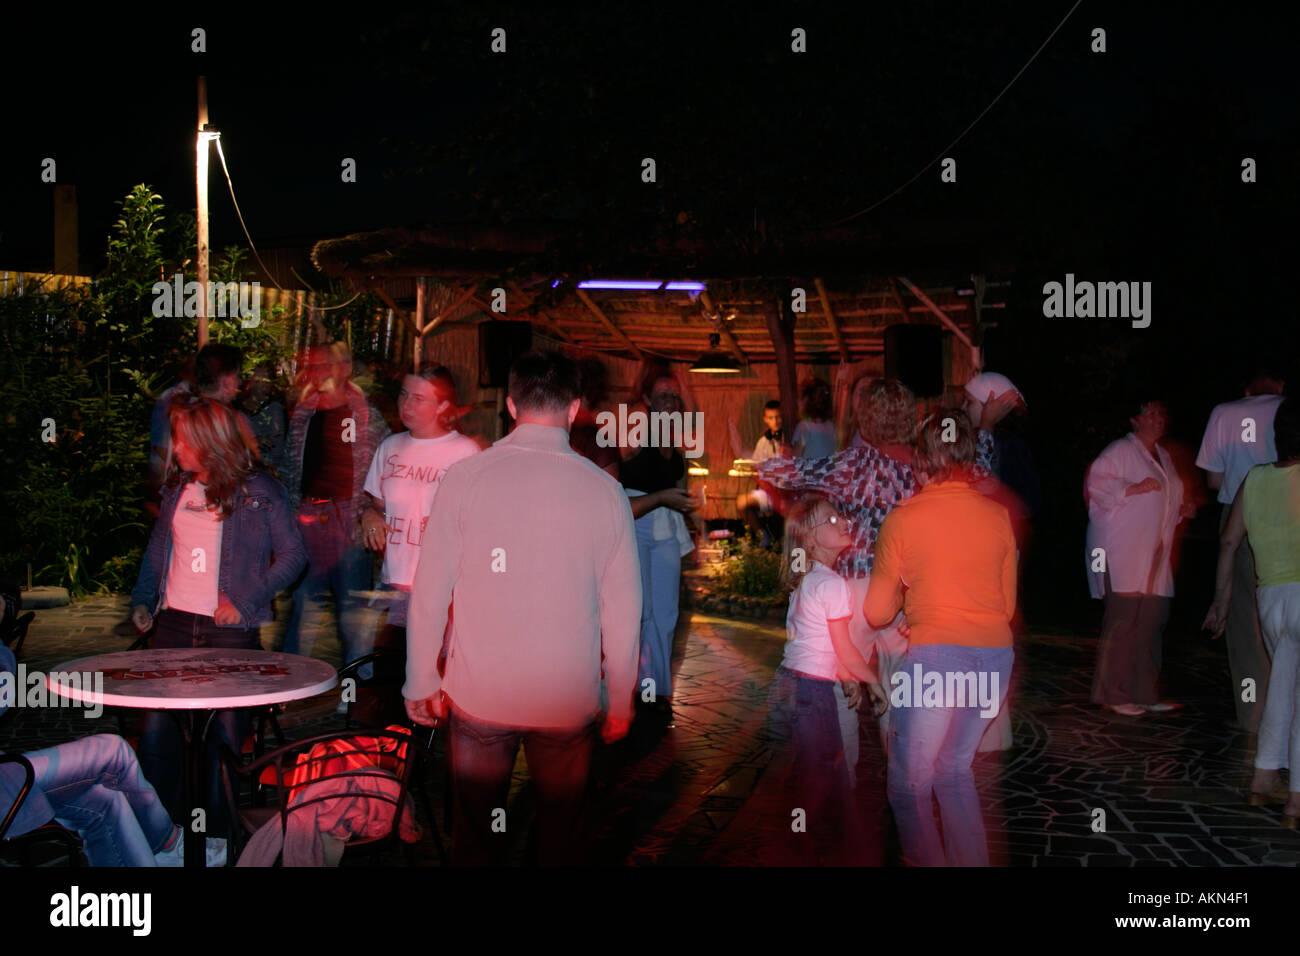 Discoteca notte vita notturna della Polonia Immagini Stock